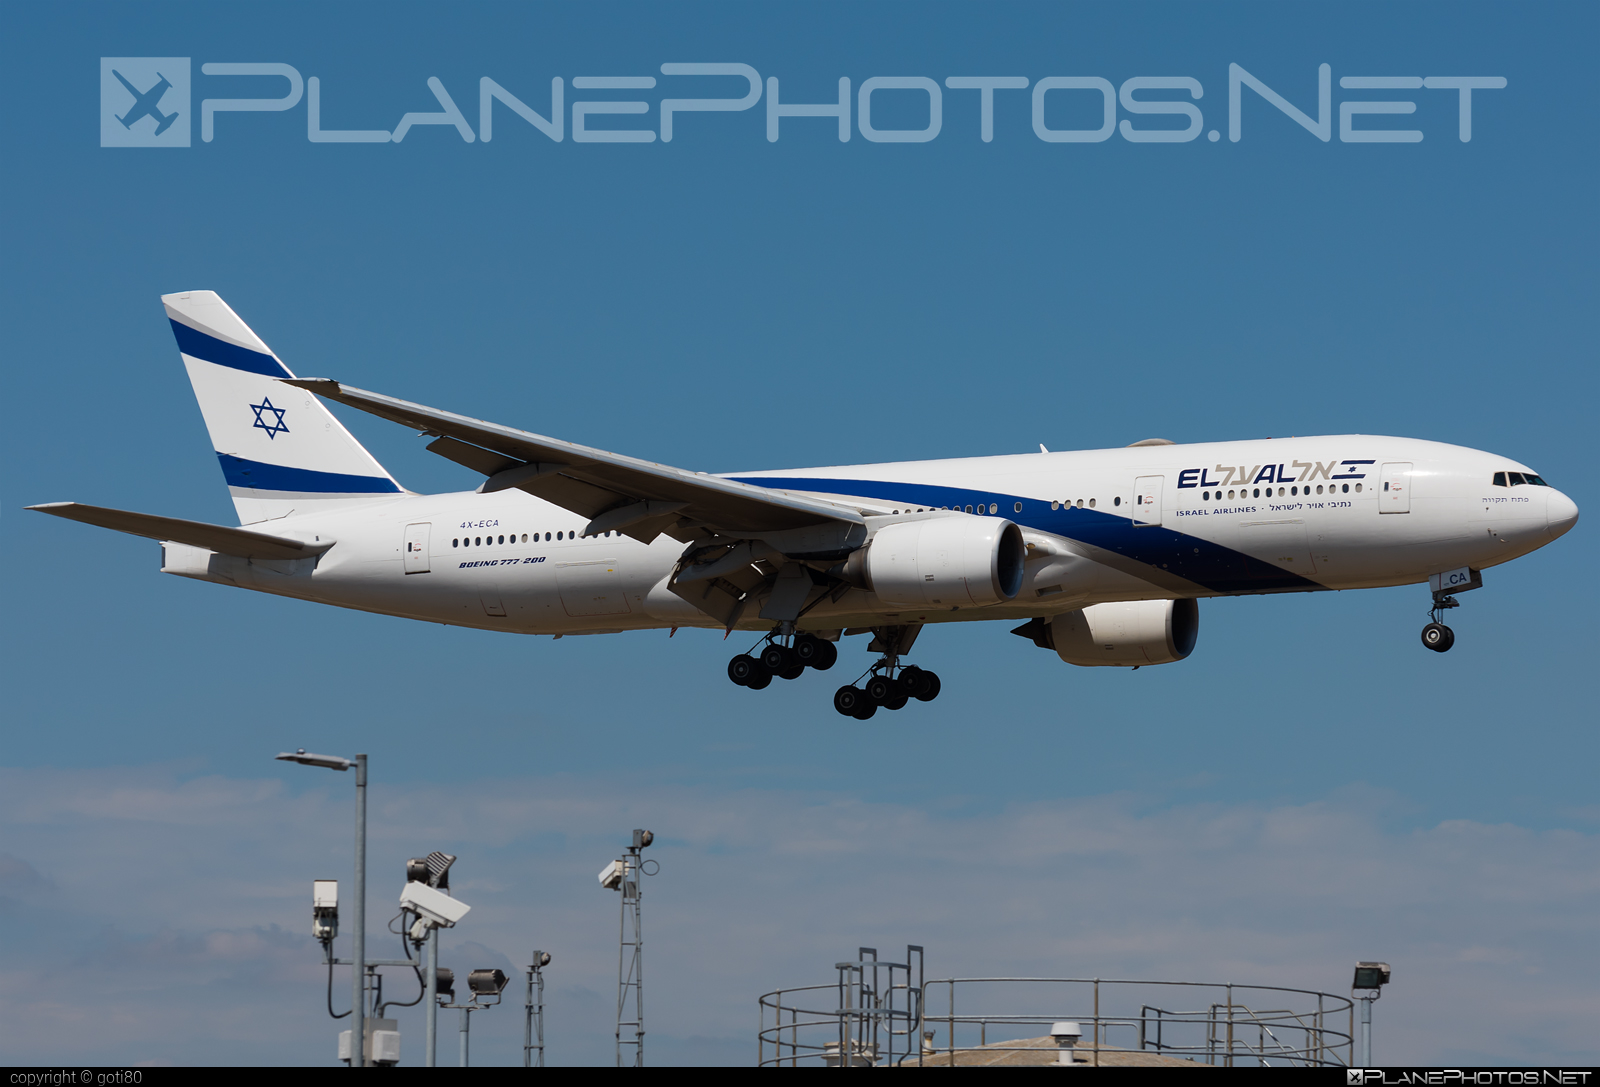 Boeing 777-200ER - 4X-ECA operated by El Al Israel Airlines #b777 #b777er #boeing #boeing777 #elal #elalisraelairlines #israelairlines #tripleseven